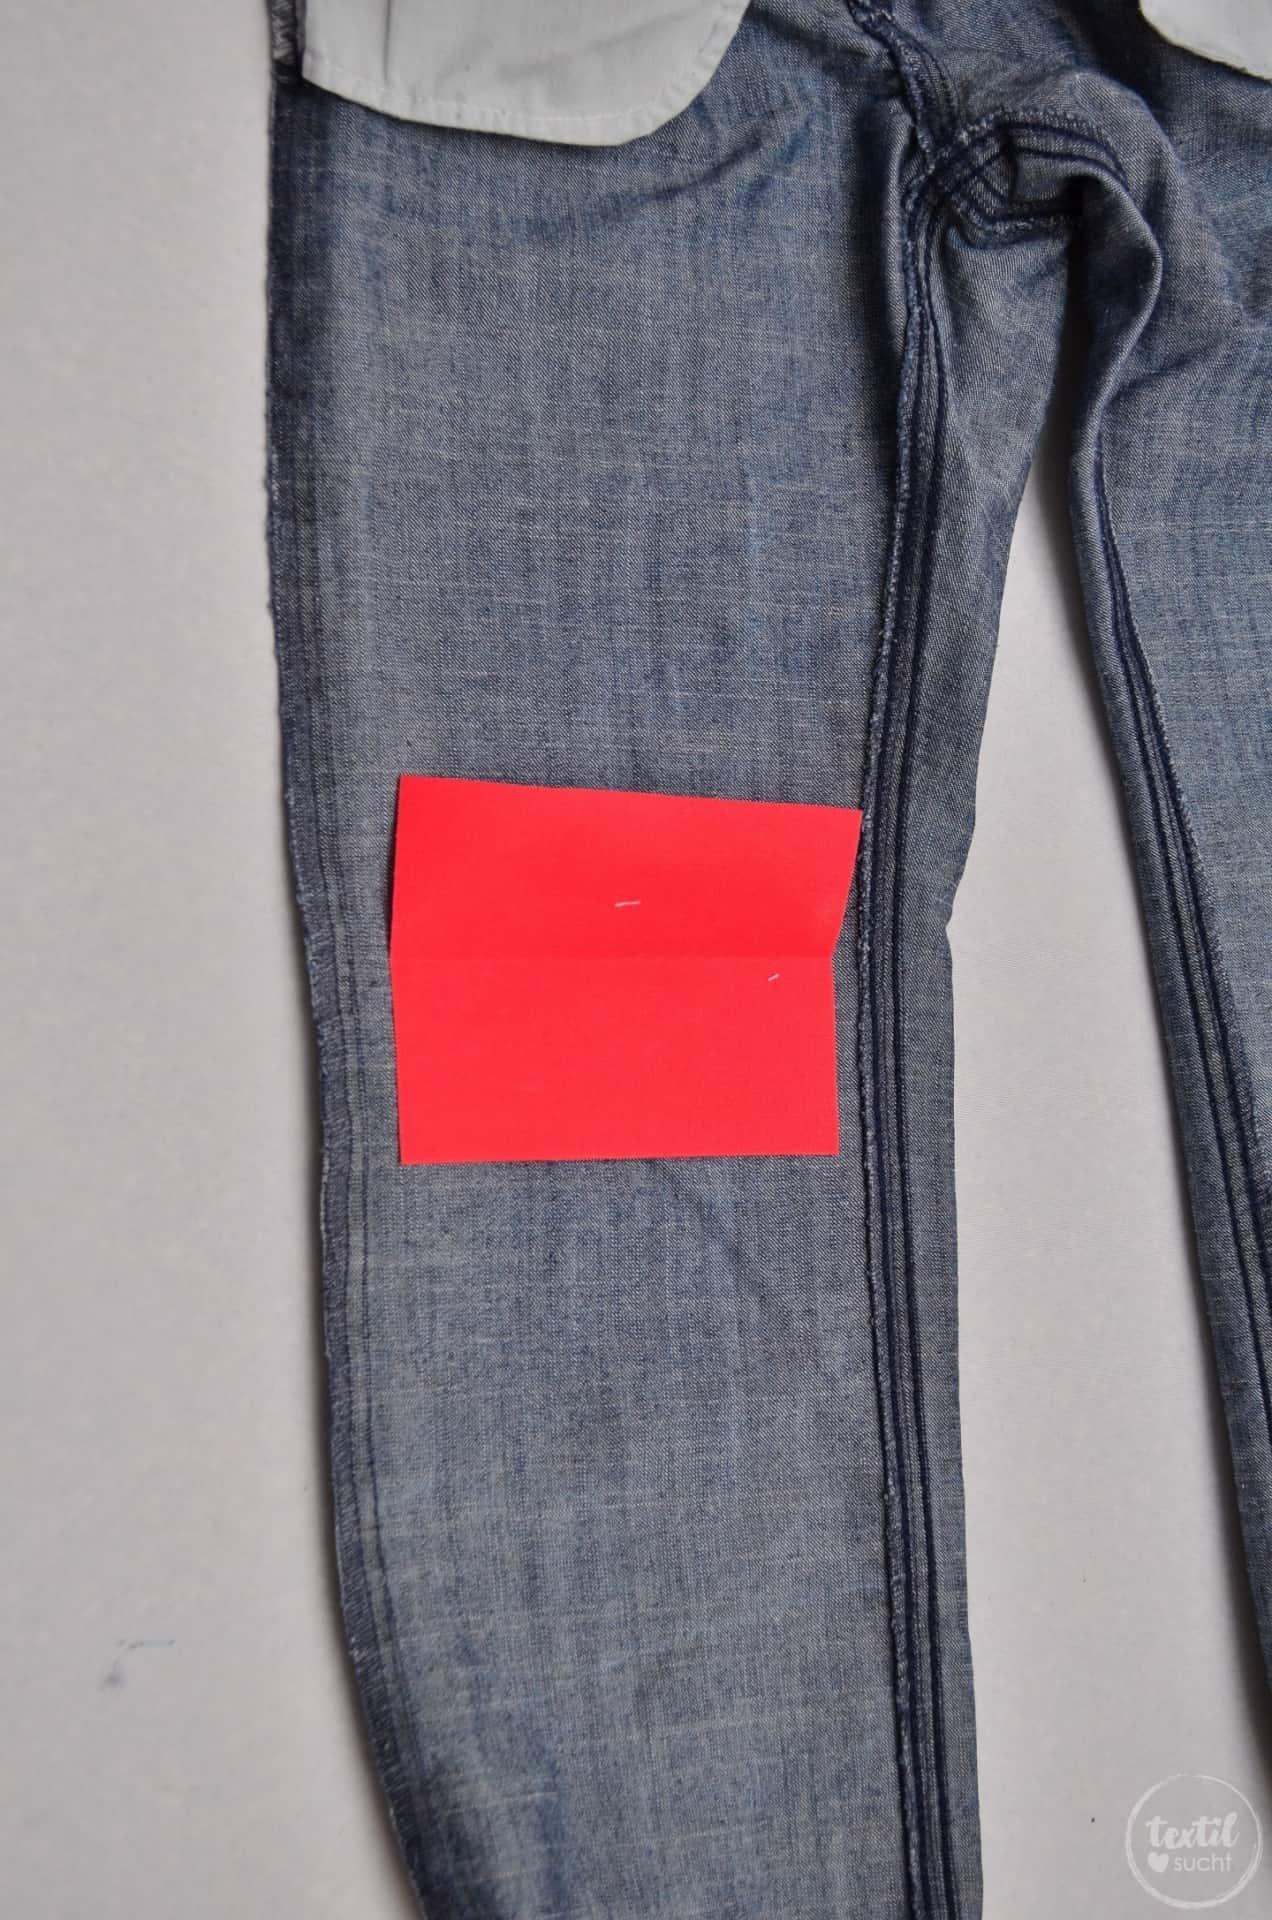 Nähanleitung Kniemonster: Kinderhosen kreativ flicken - Schritt 5 | textilsucht.de